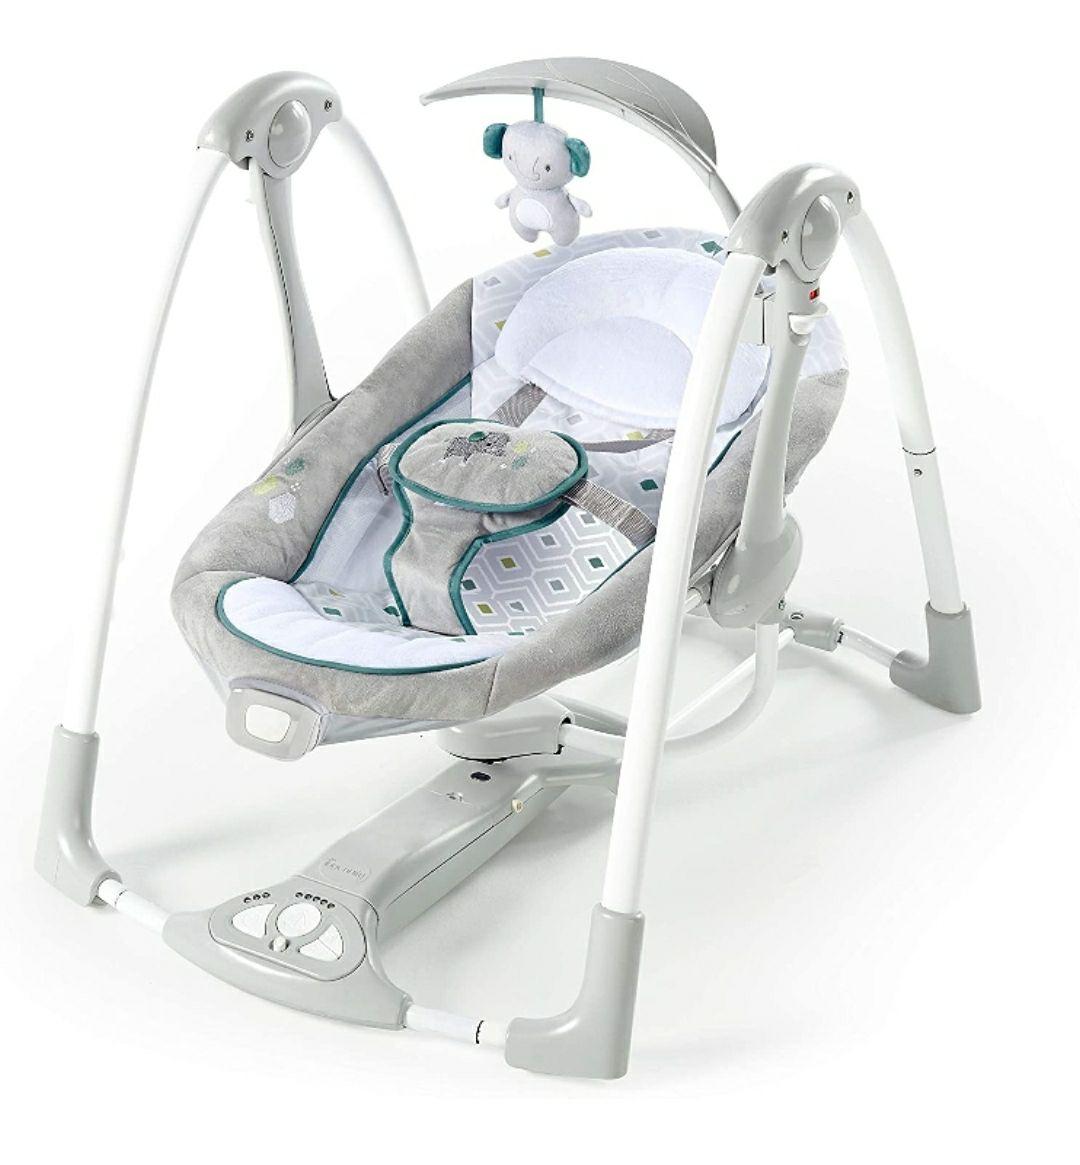 Baby Einstein, Pulpo Actividades, Juguete colgante para bebés de 0 a 9 meses